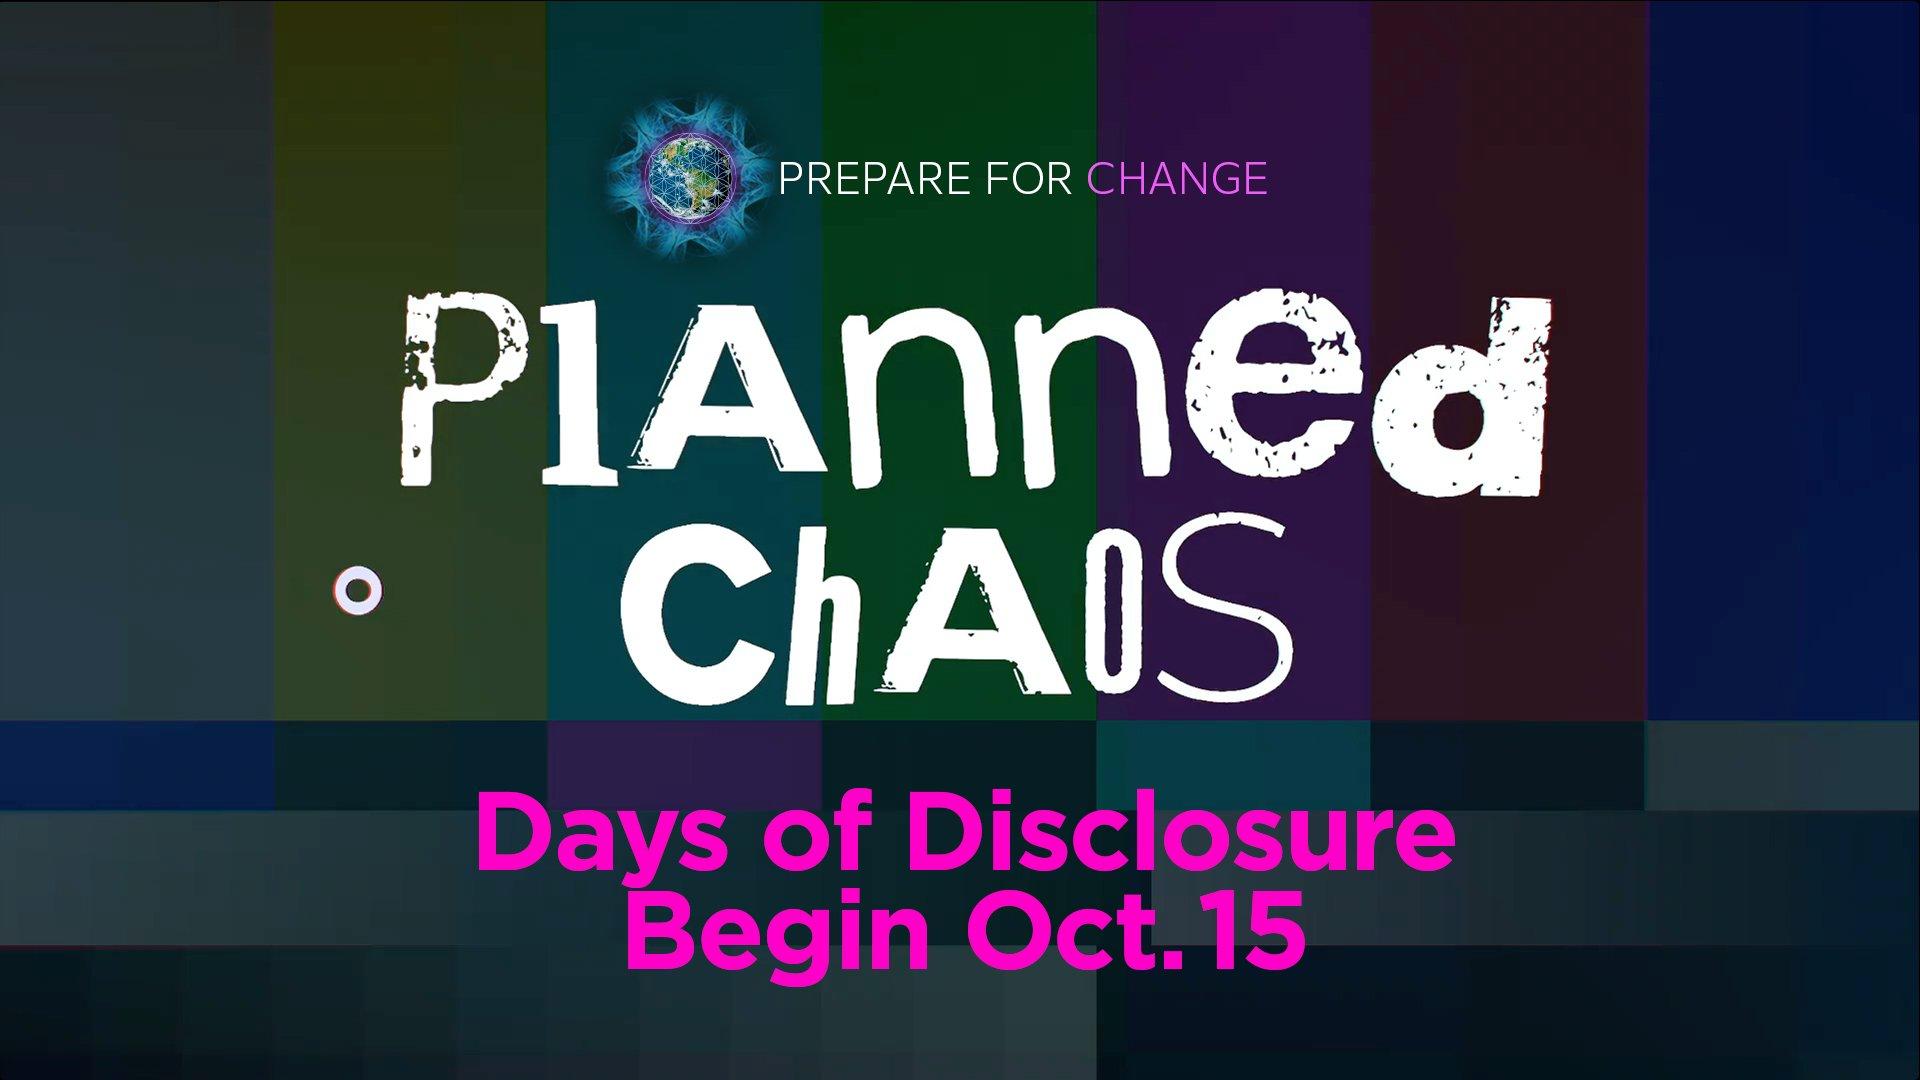 PFC: Запланированный хаос: наступают дни раскрытия информации - новые документы и ключевые статьи Planned-Chaos-Social-1